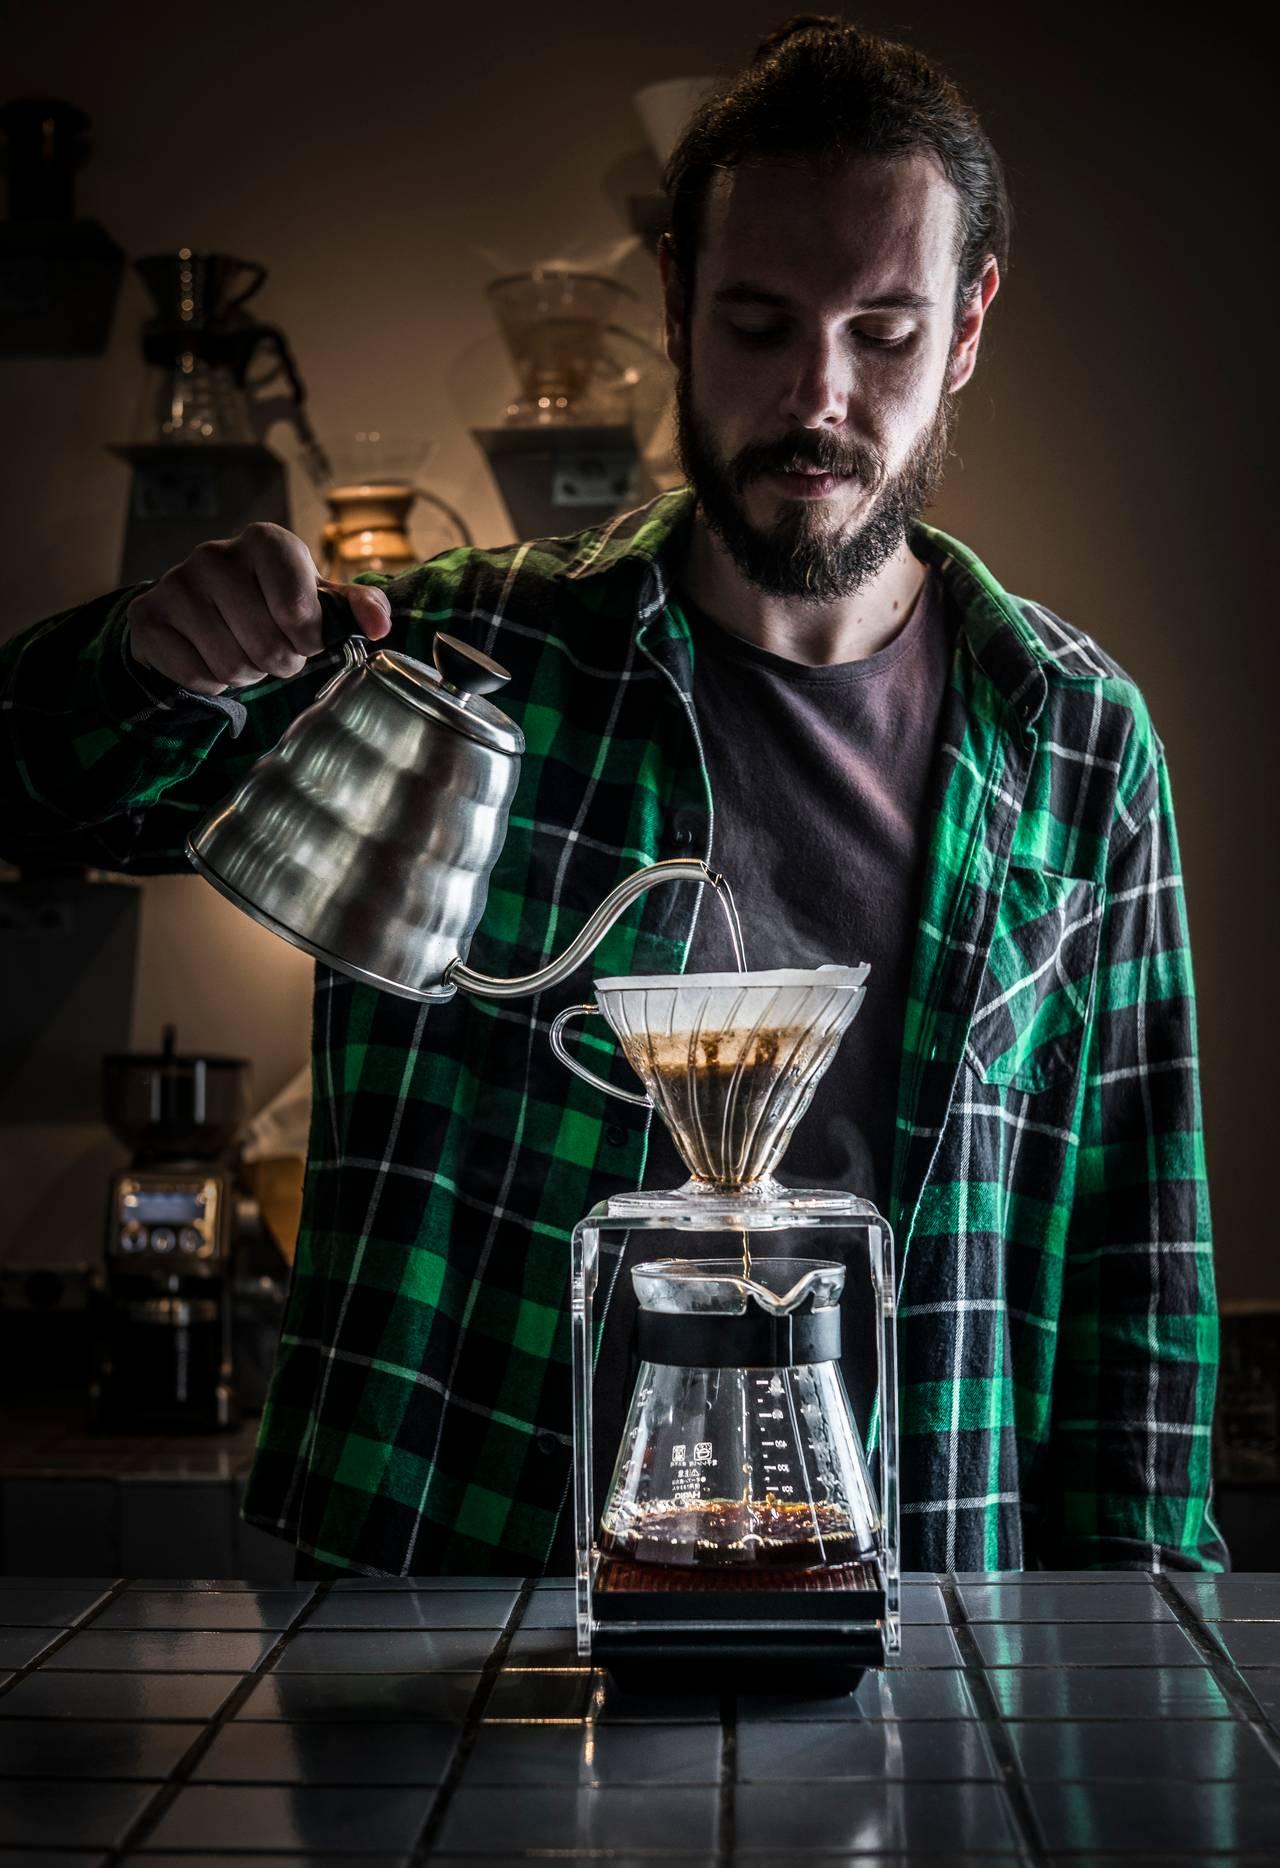 água para café